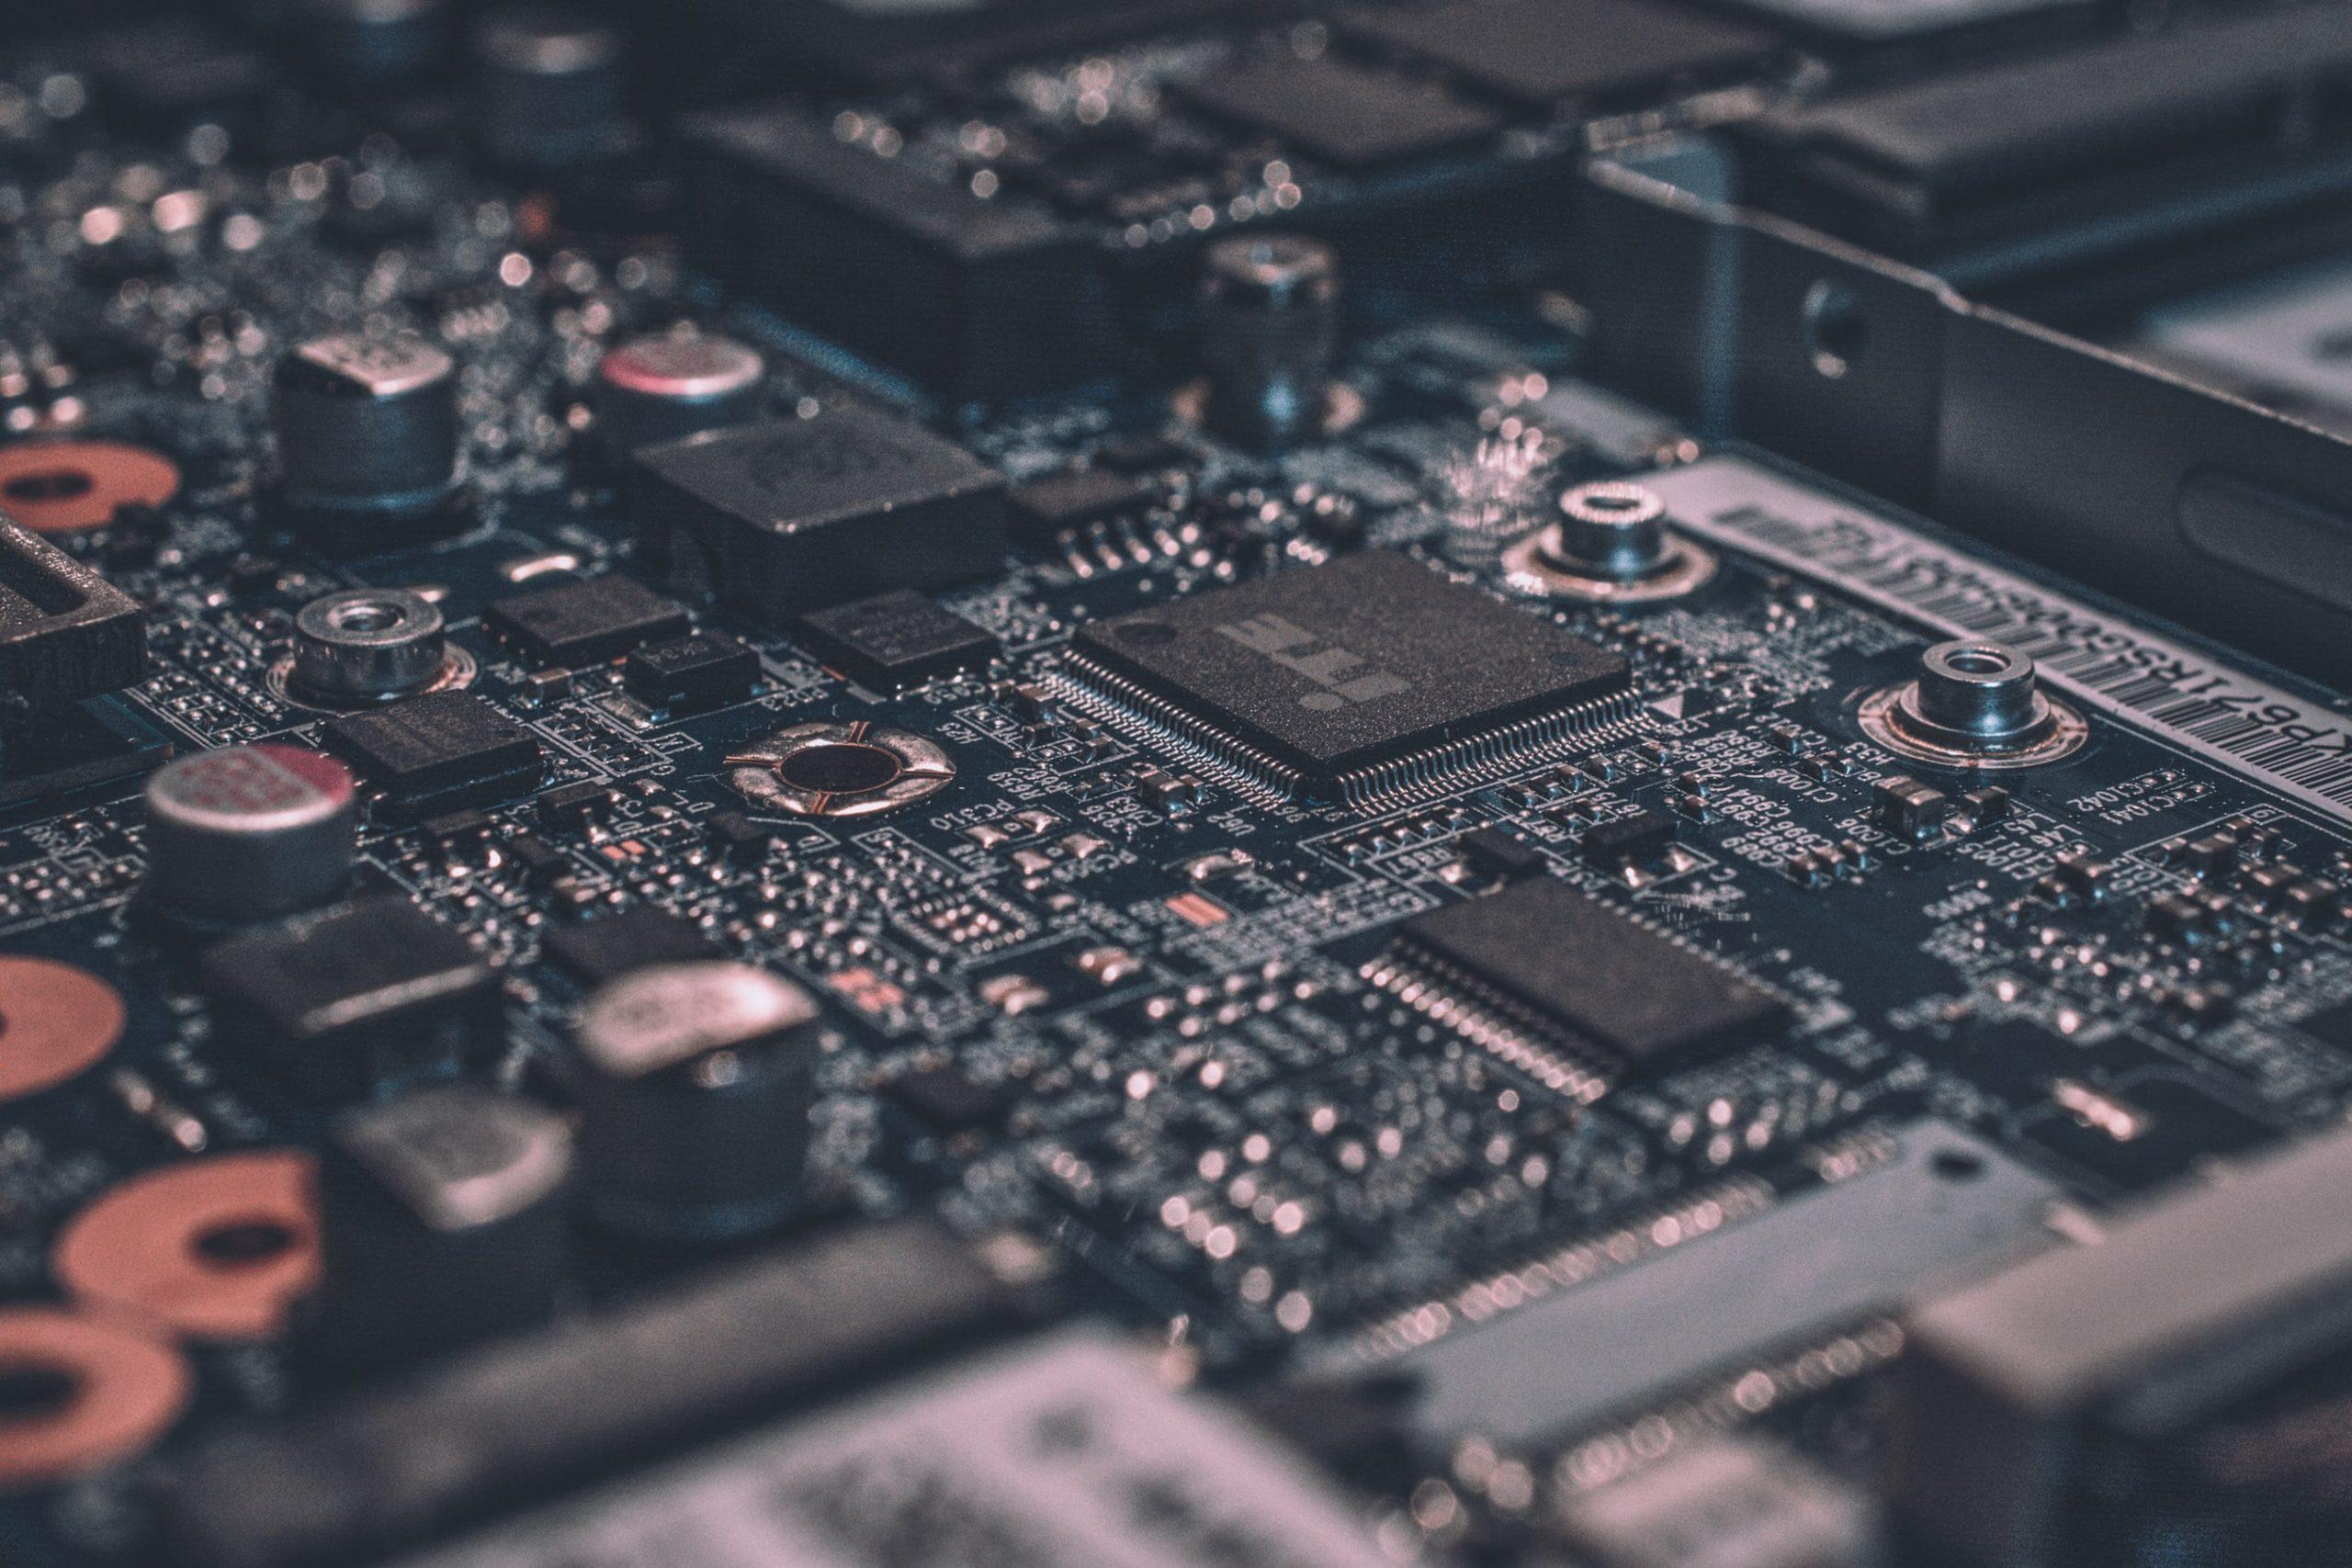 IoT: Sending telemetry to MQTT servers